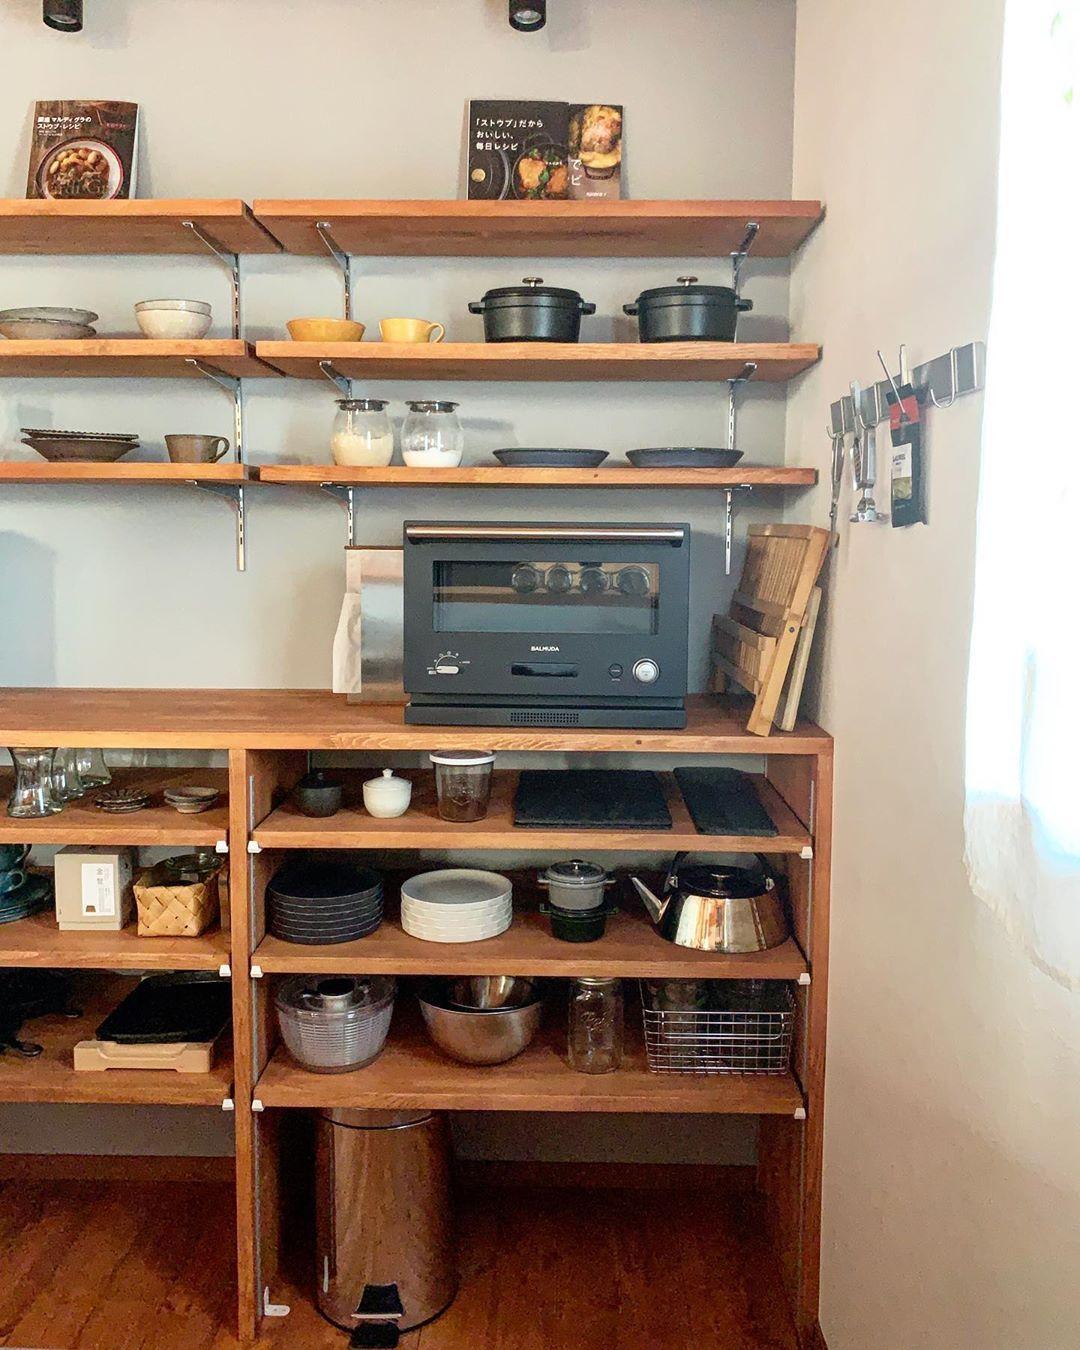 Mariko On Instagram キッチンのゴミ箱 生ゴミ用はこのステンレスのゴミ箱に入れています いつもその辺に置いてて 定位置を決めていなかったのですが 棚を少しずつ上に移動させて ゴミ箱が入るようにしました すっきり ゴミ箱 キッチン キッチン 生ゴミ